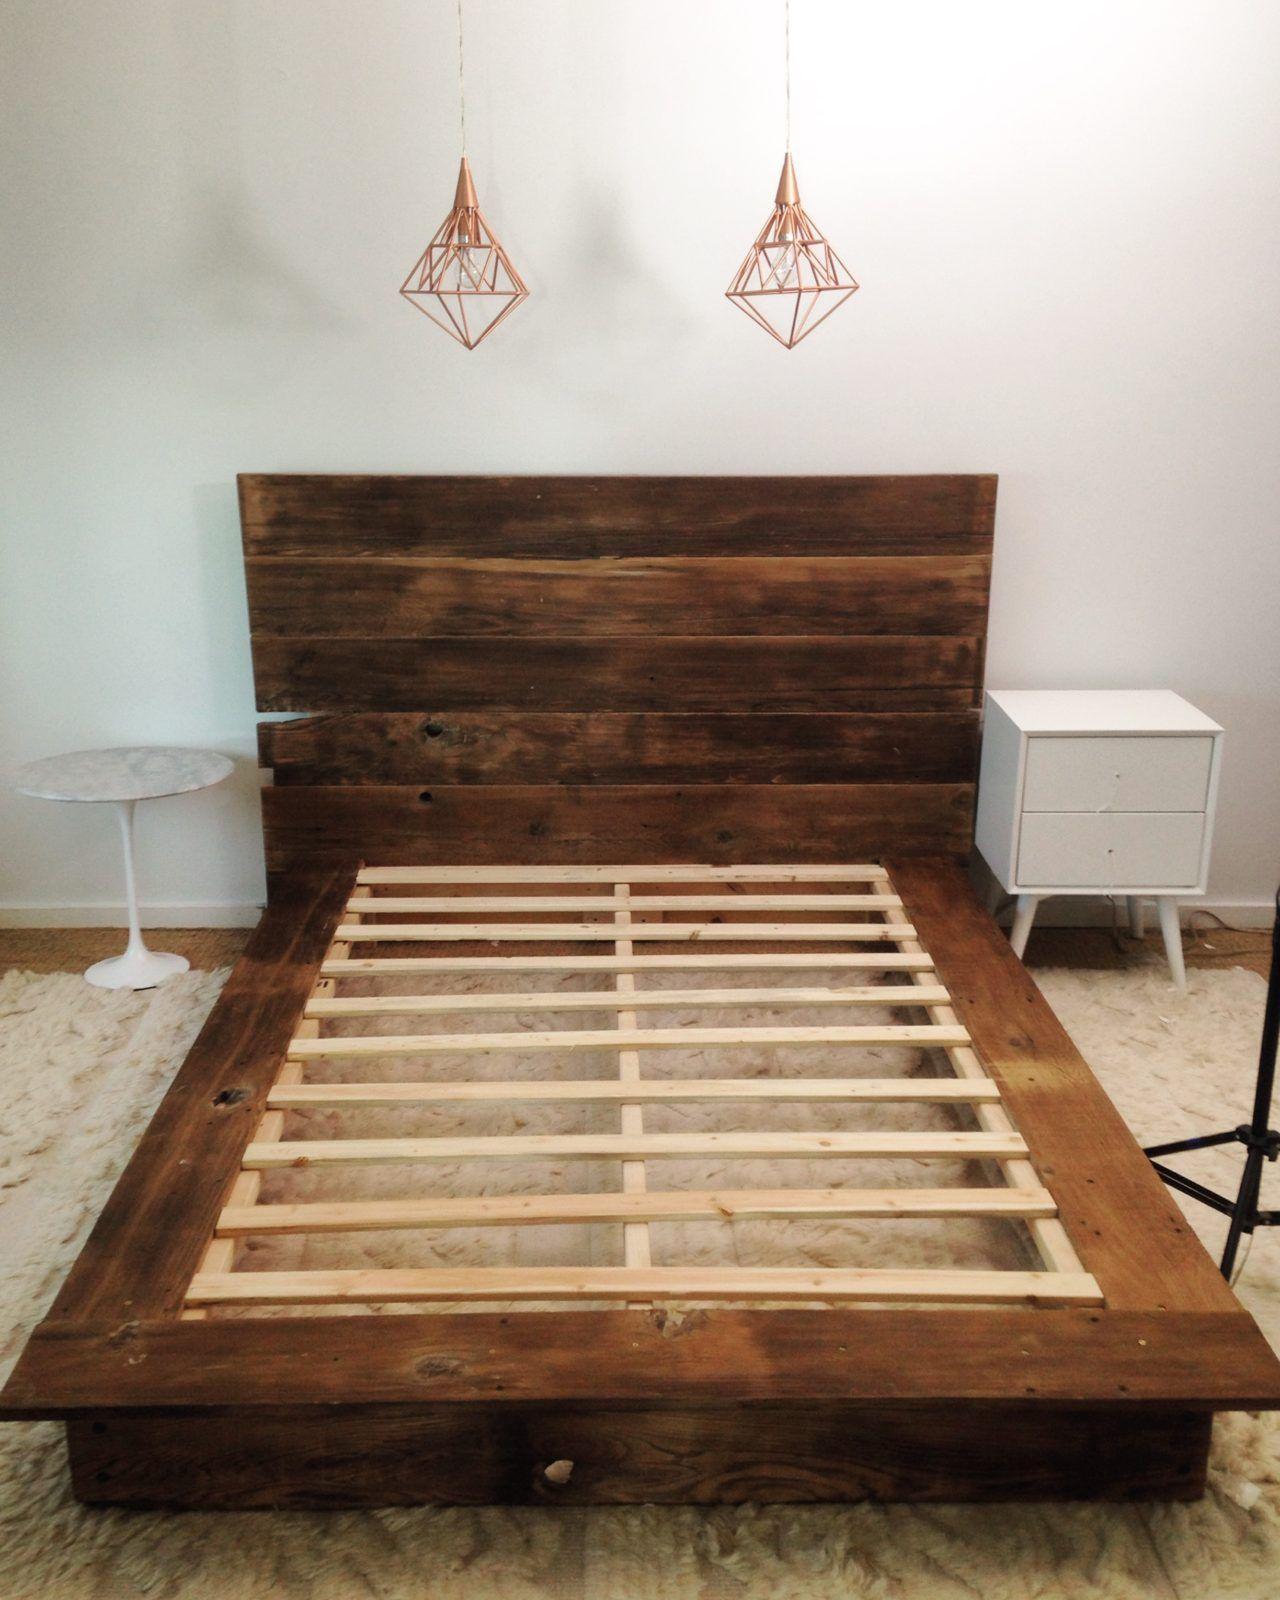 Diy Reclaimed Wood Platform Bed In